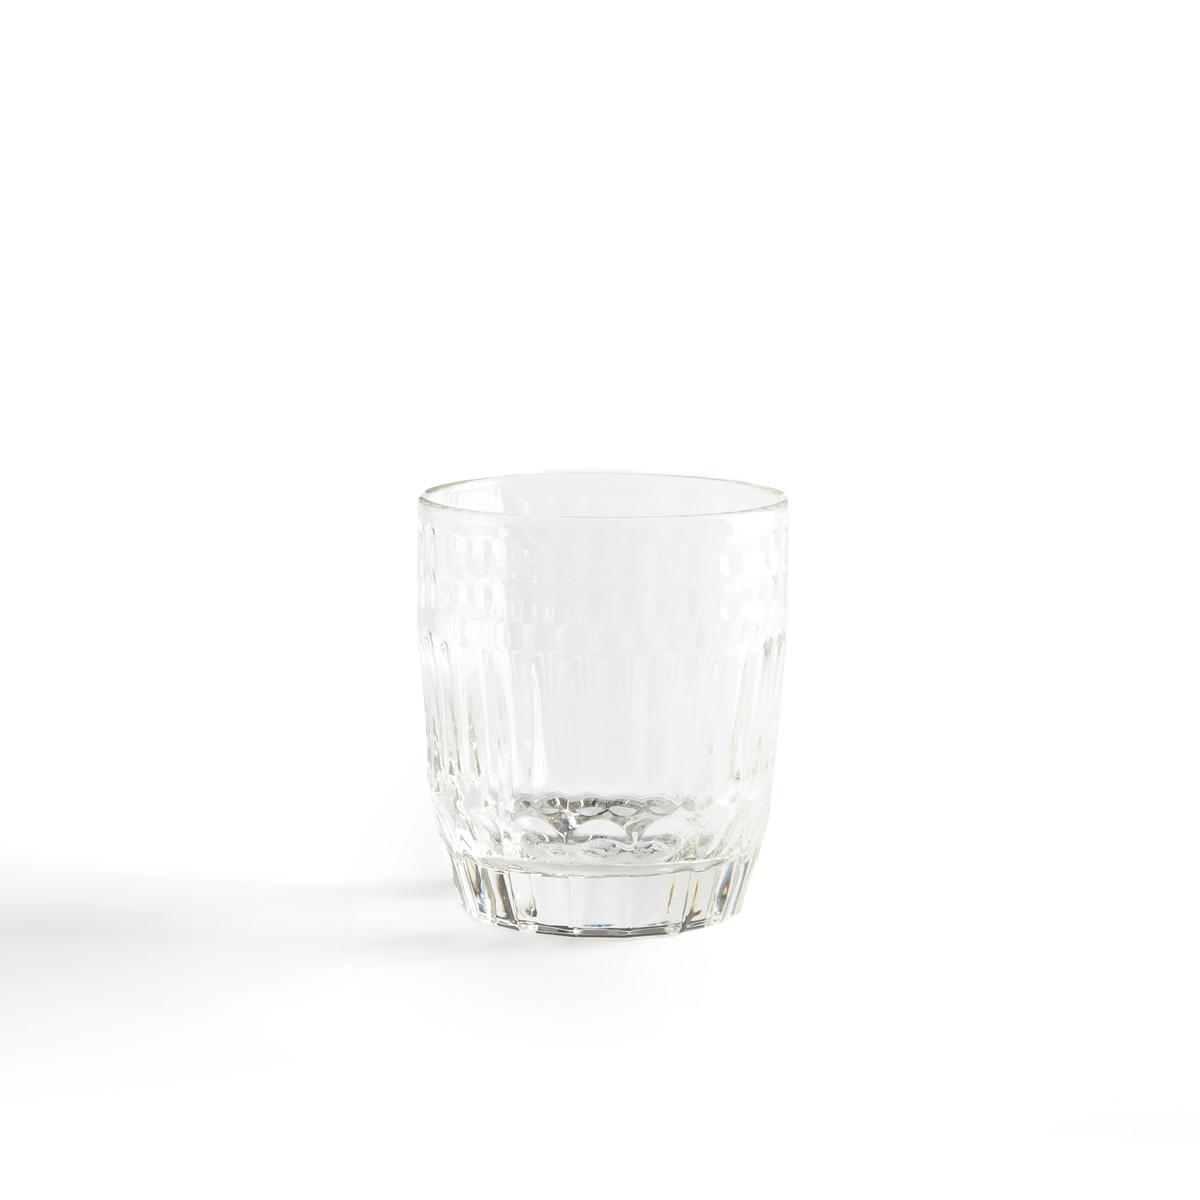 Комплект из 6 стаканов для LaRedoute Воды Cote единый размер другие набор laredoute из 6 стаканов troquet единый размер другие